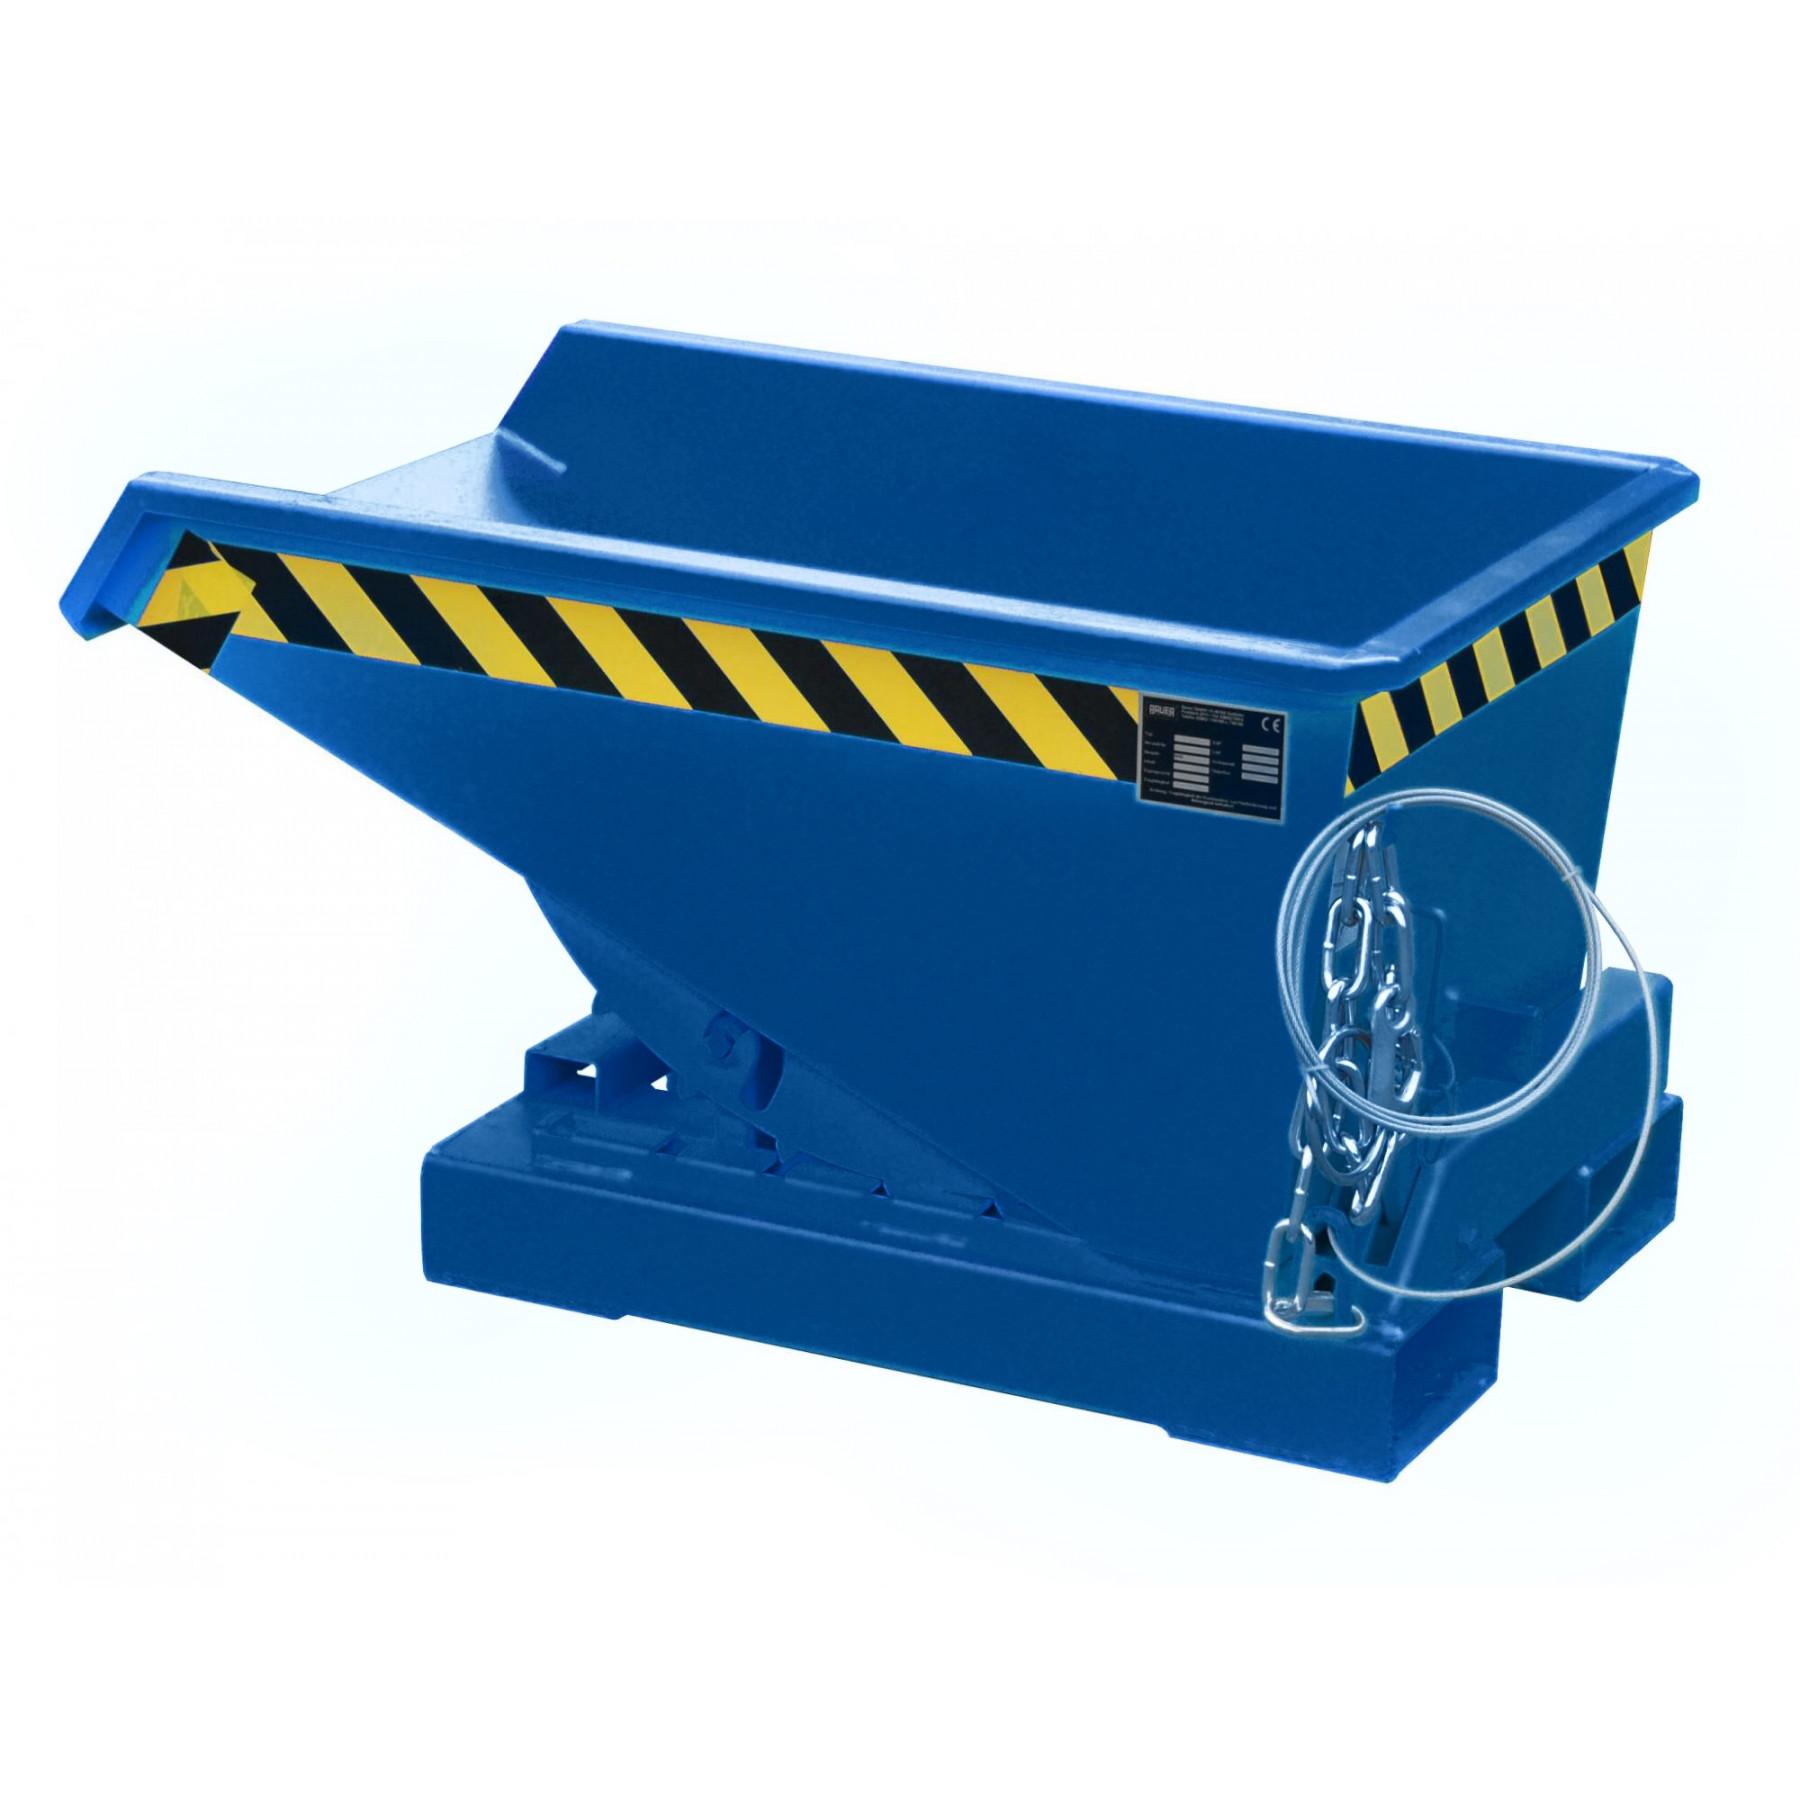 Kiepcontainer 150 liter, hoog model, MTF-150-5001